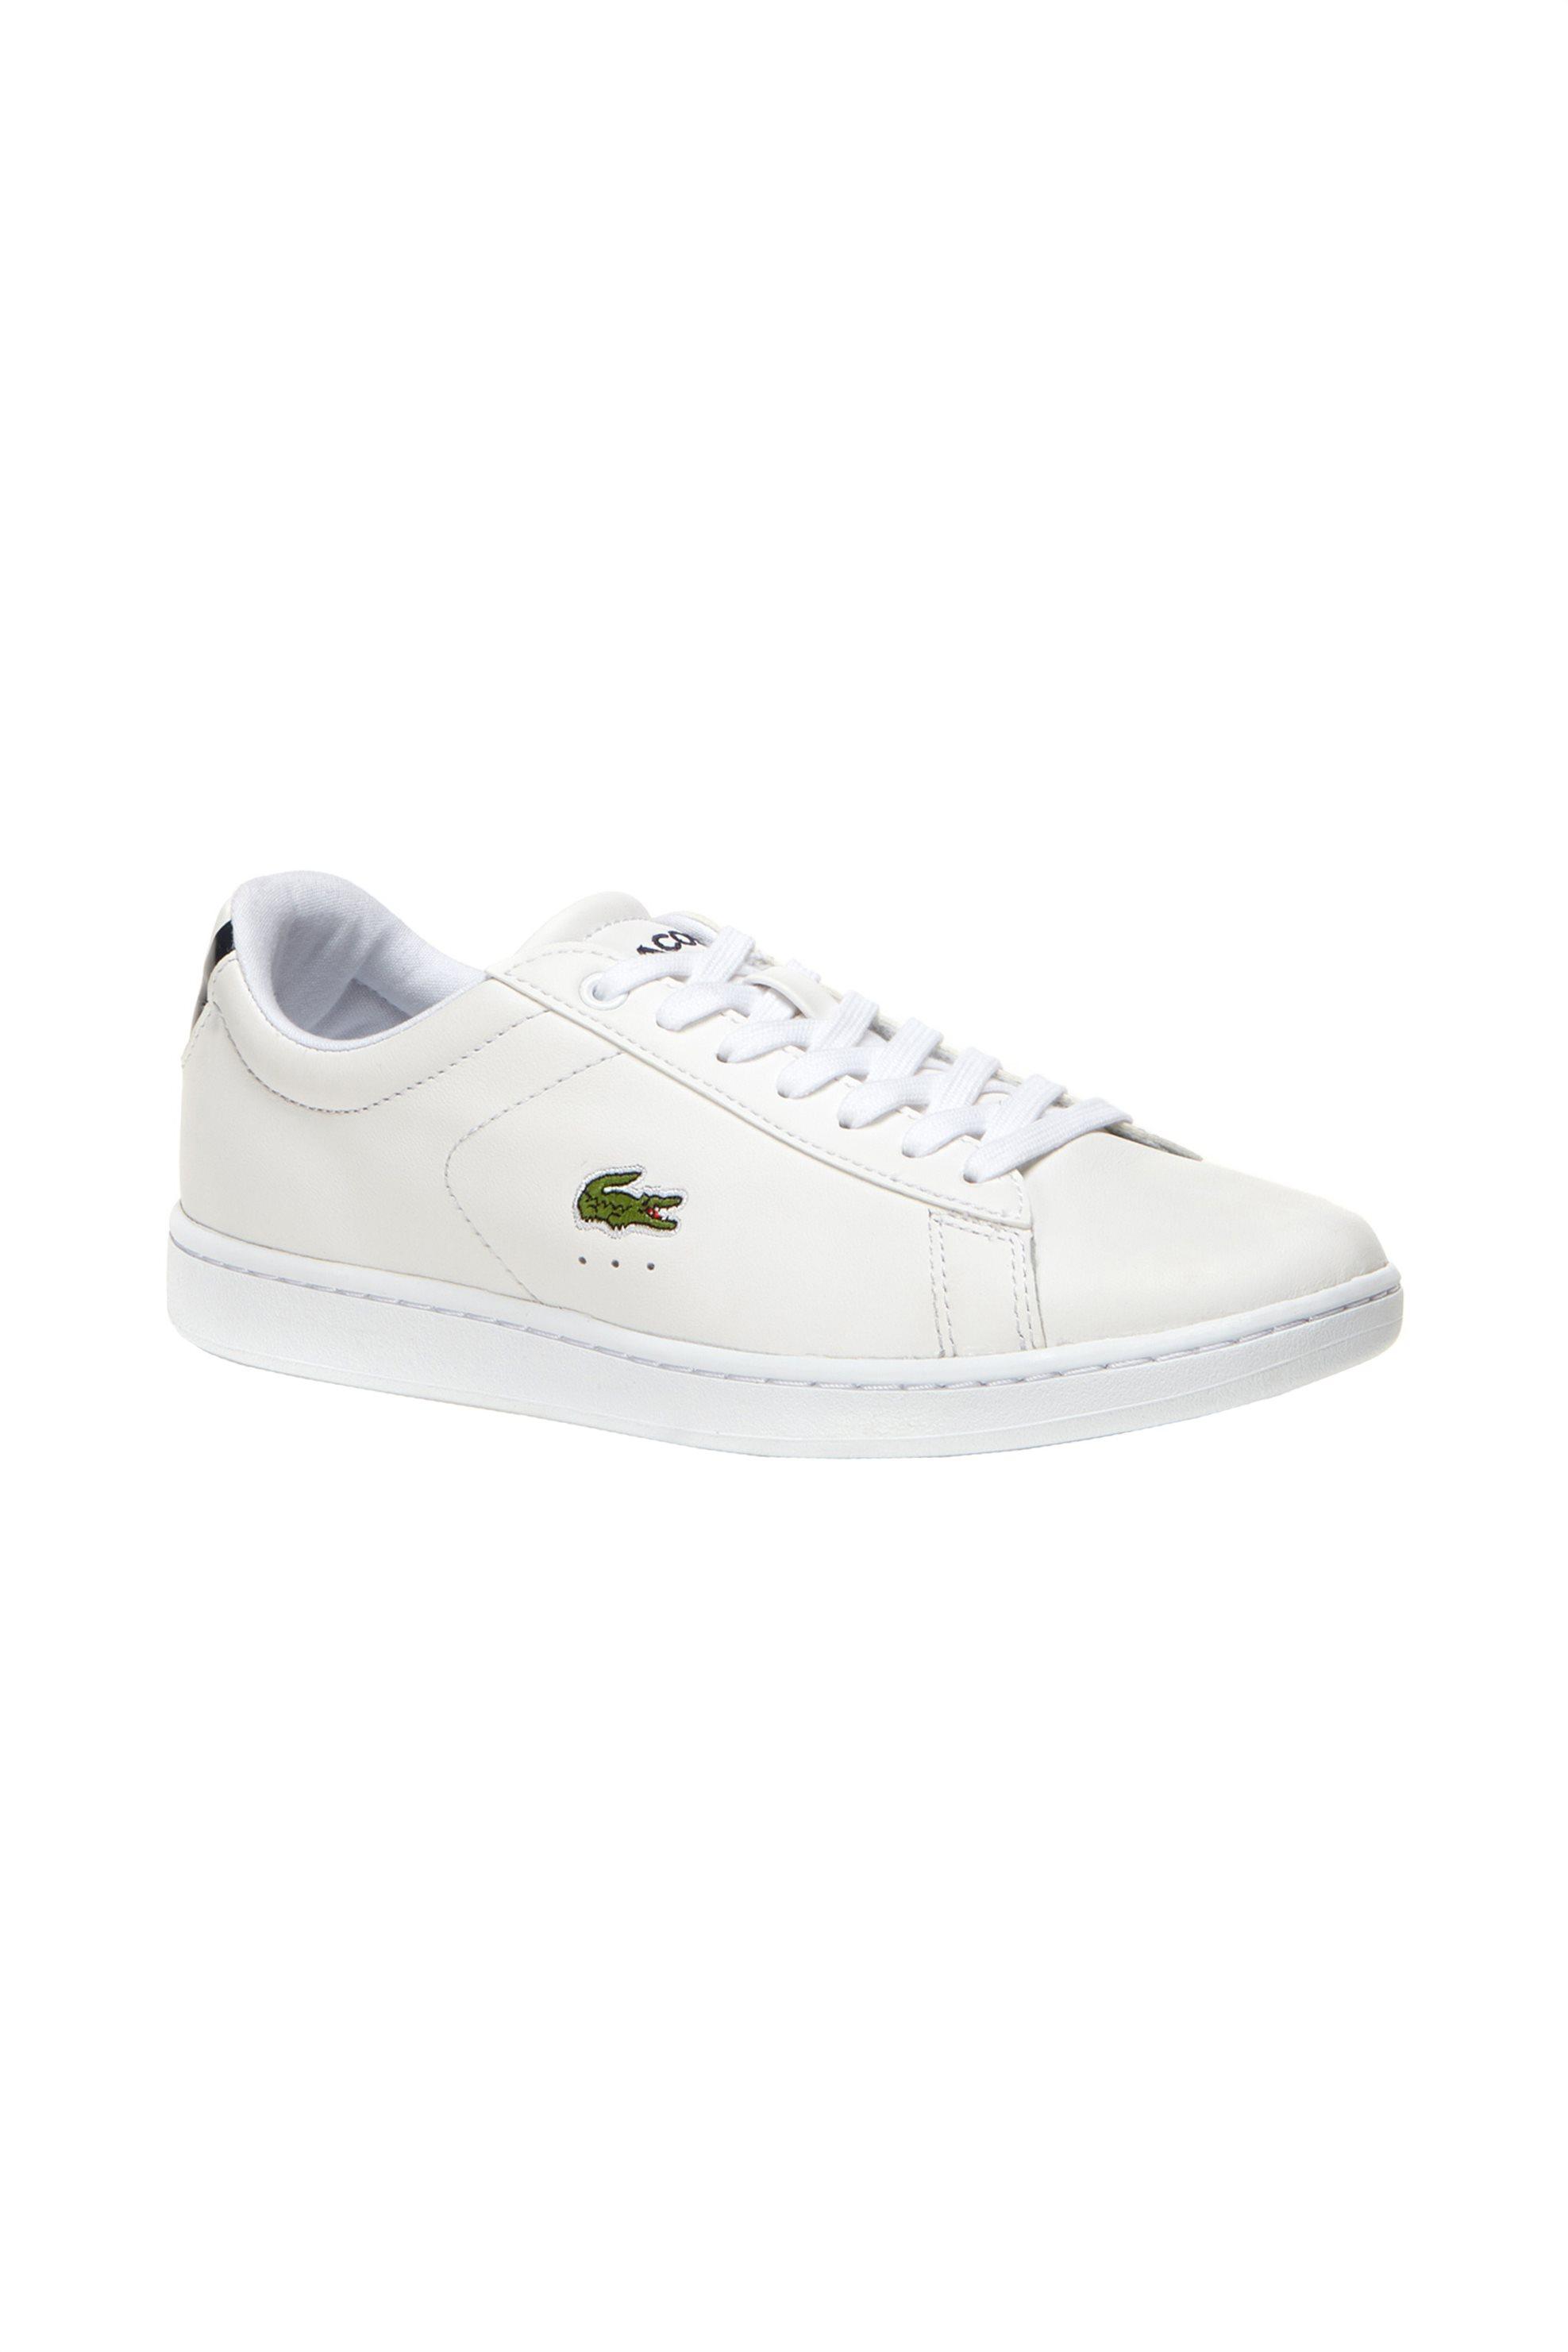 08f37f2a1fd Παπούτσια LACOSTE FOOTWEAR Γυναικεία | My Lady Shoes